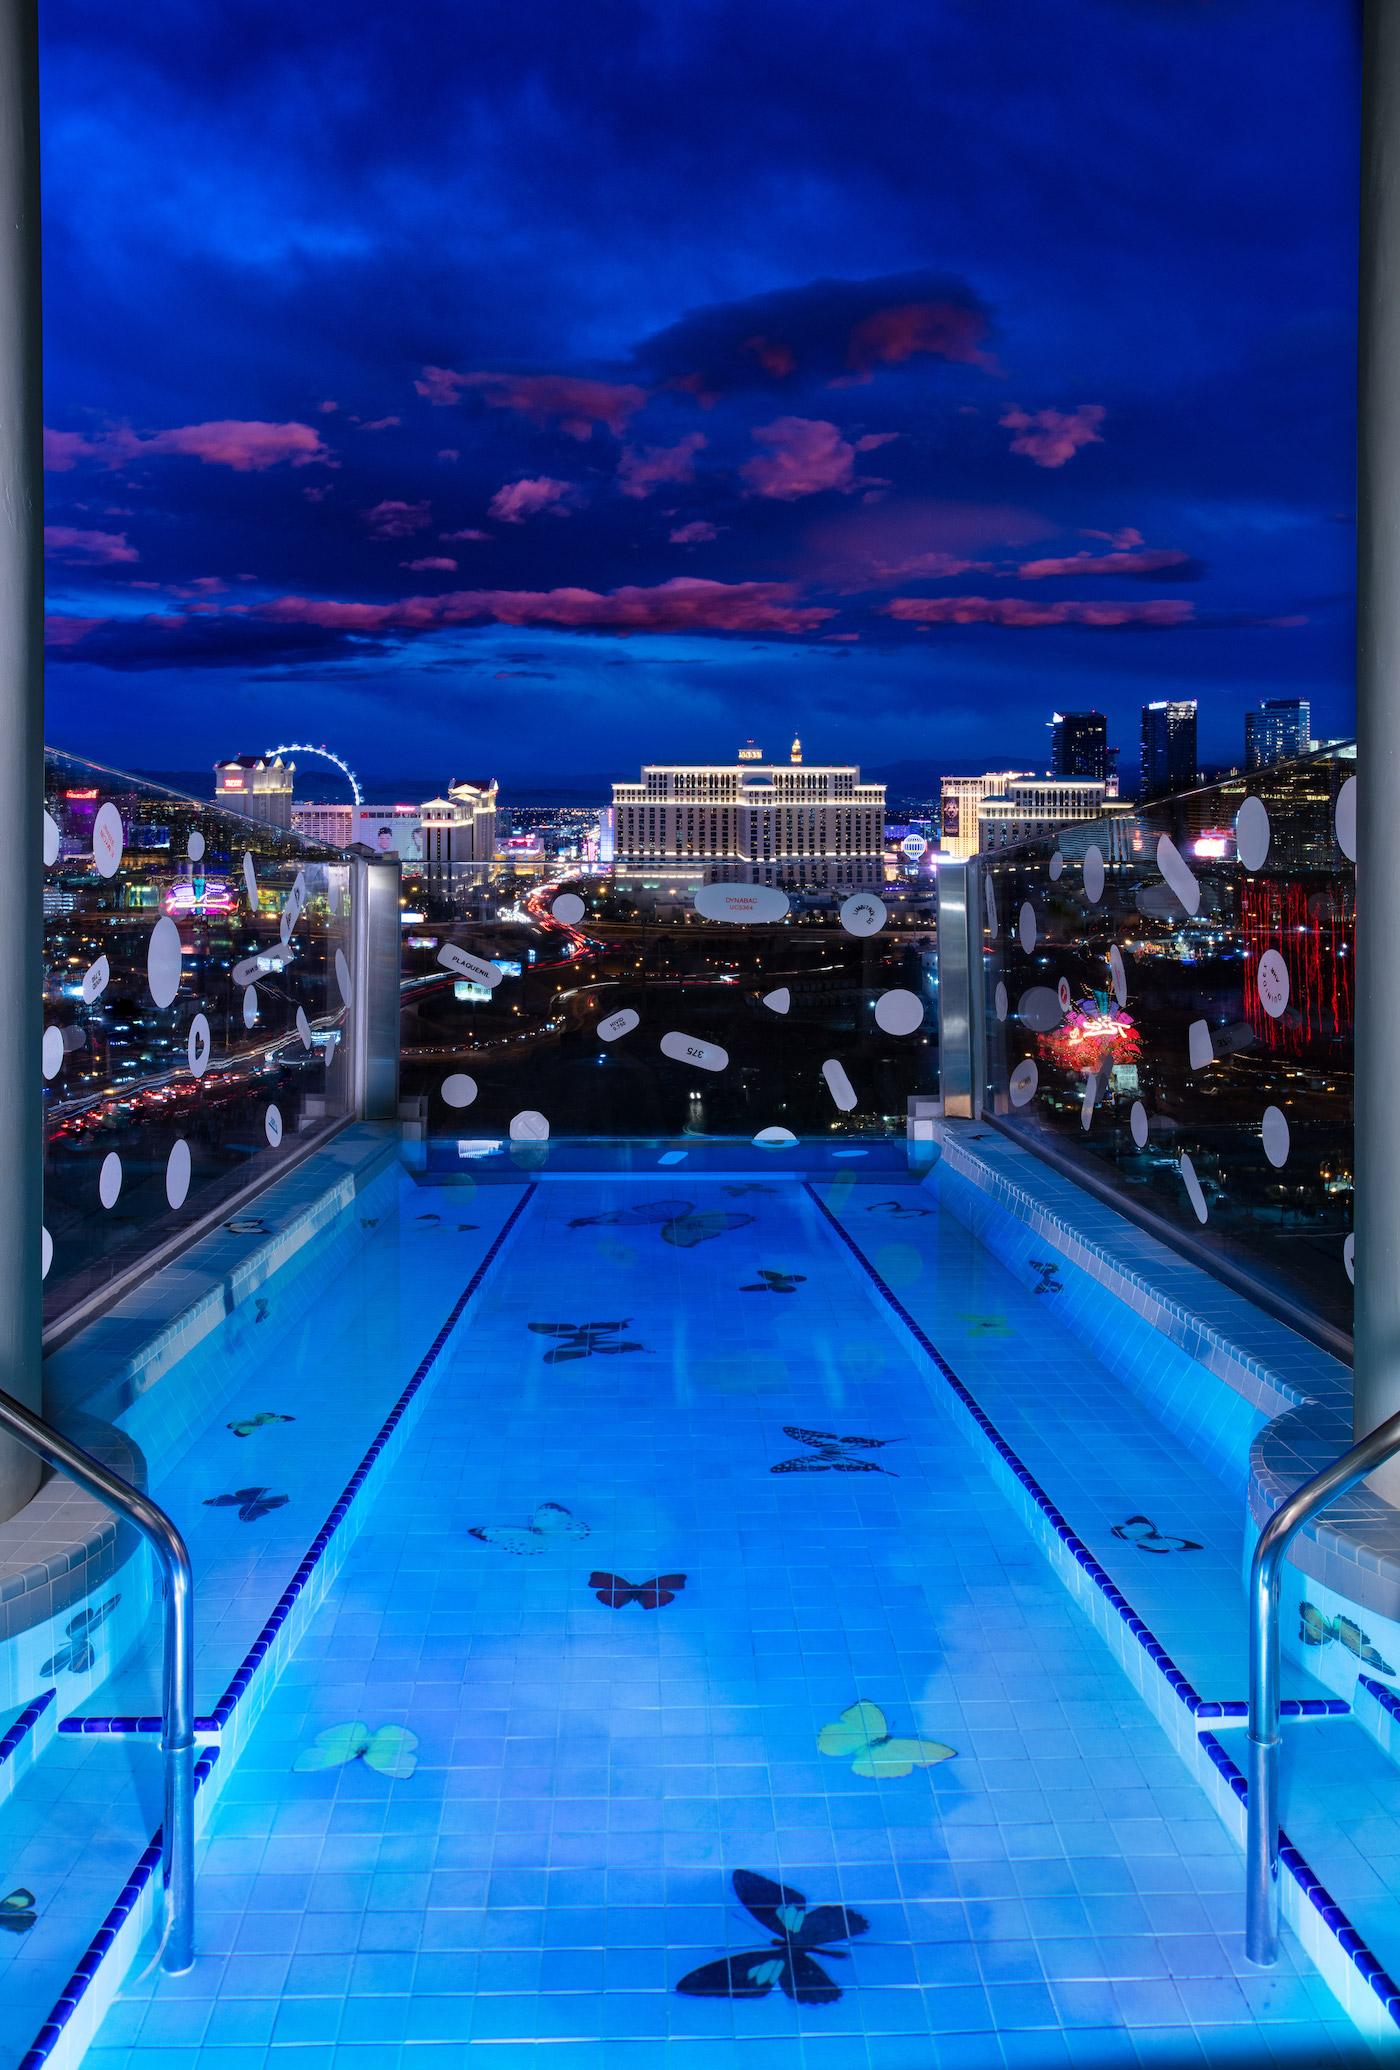 80.000 Dollar pro Nacht: Ein Blick in das teuerste Hotelzimmer der Welt 3